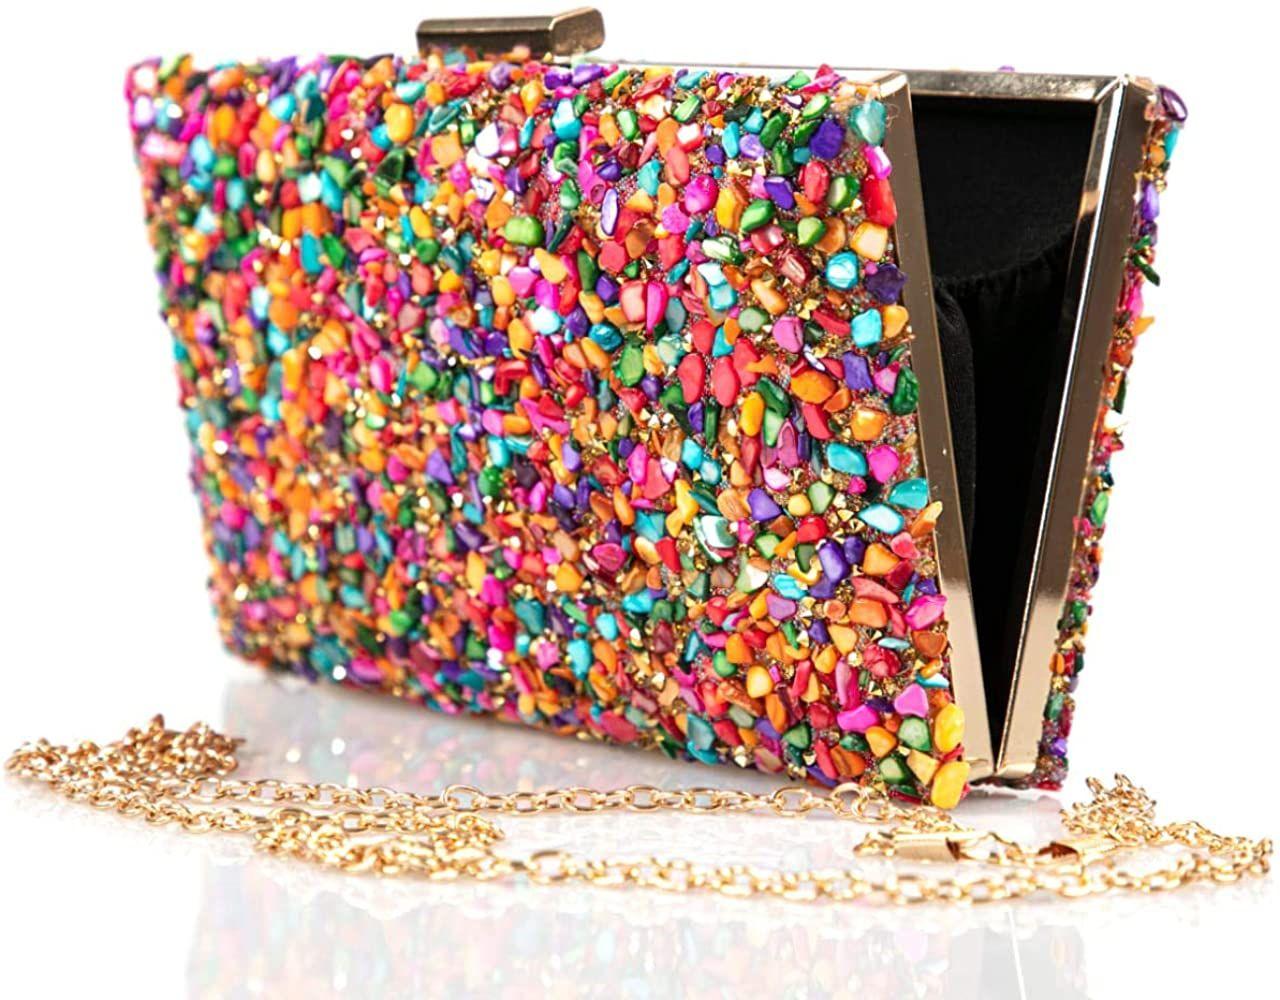 Complementos La Monsita Bolso Cartera De Fiesta Multicolor Con Cadena Amazon Es Ropa Y Accesorios Carteras De Fiesta Bolsos Cartera Bolso